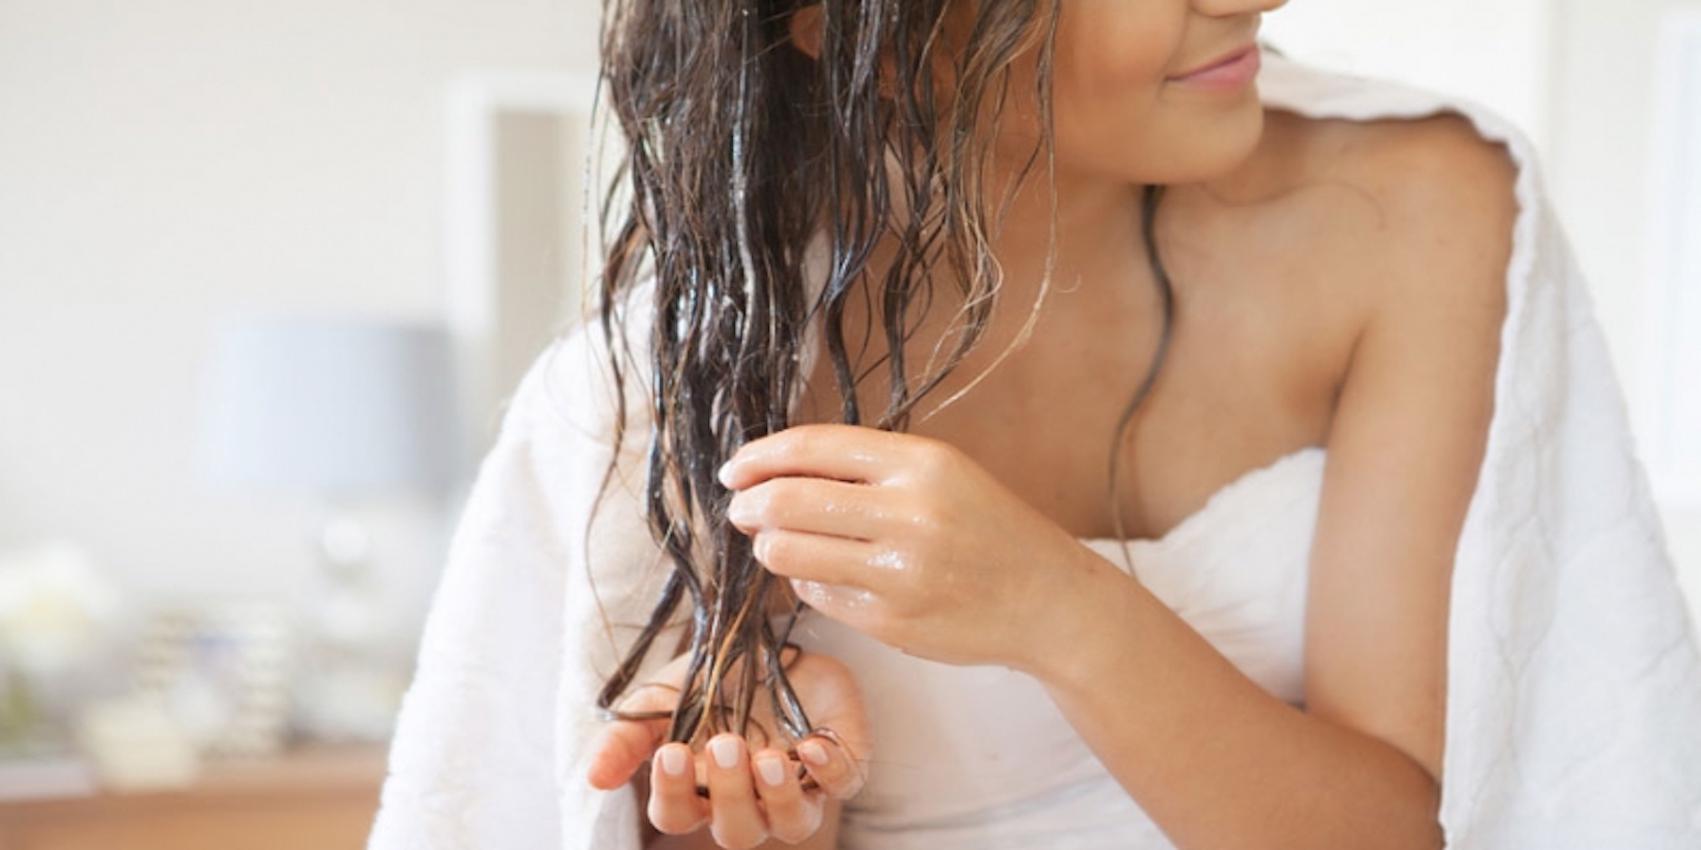 Увлажнение волос в домашних условиях: маски и средства для 60